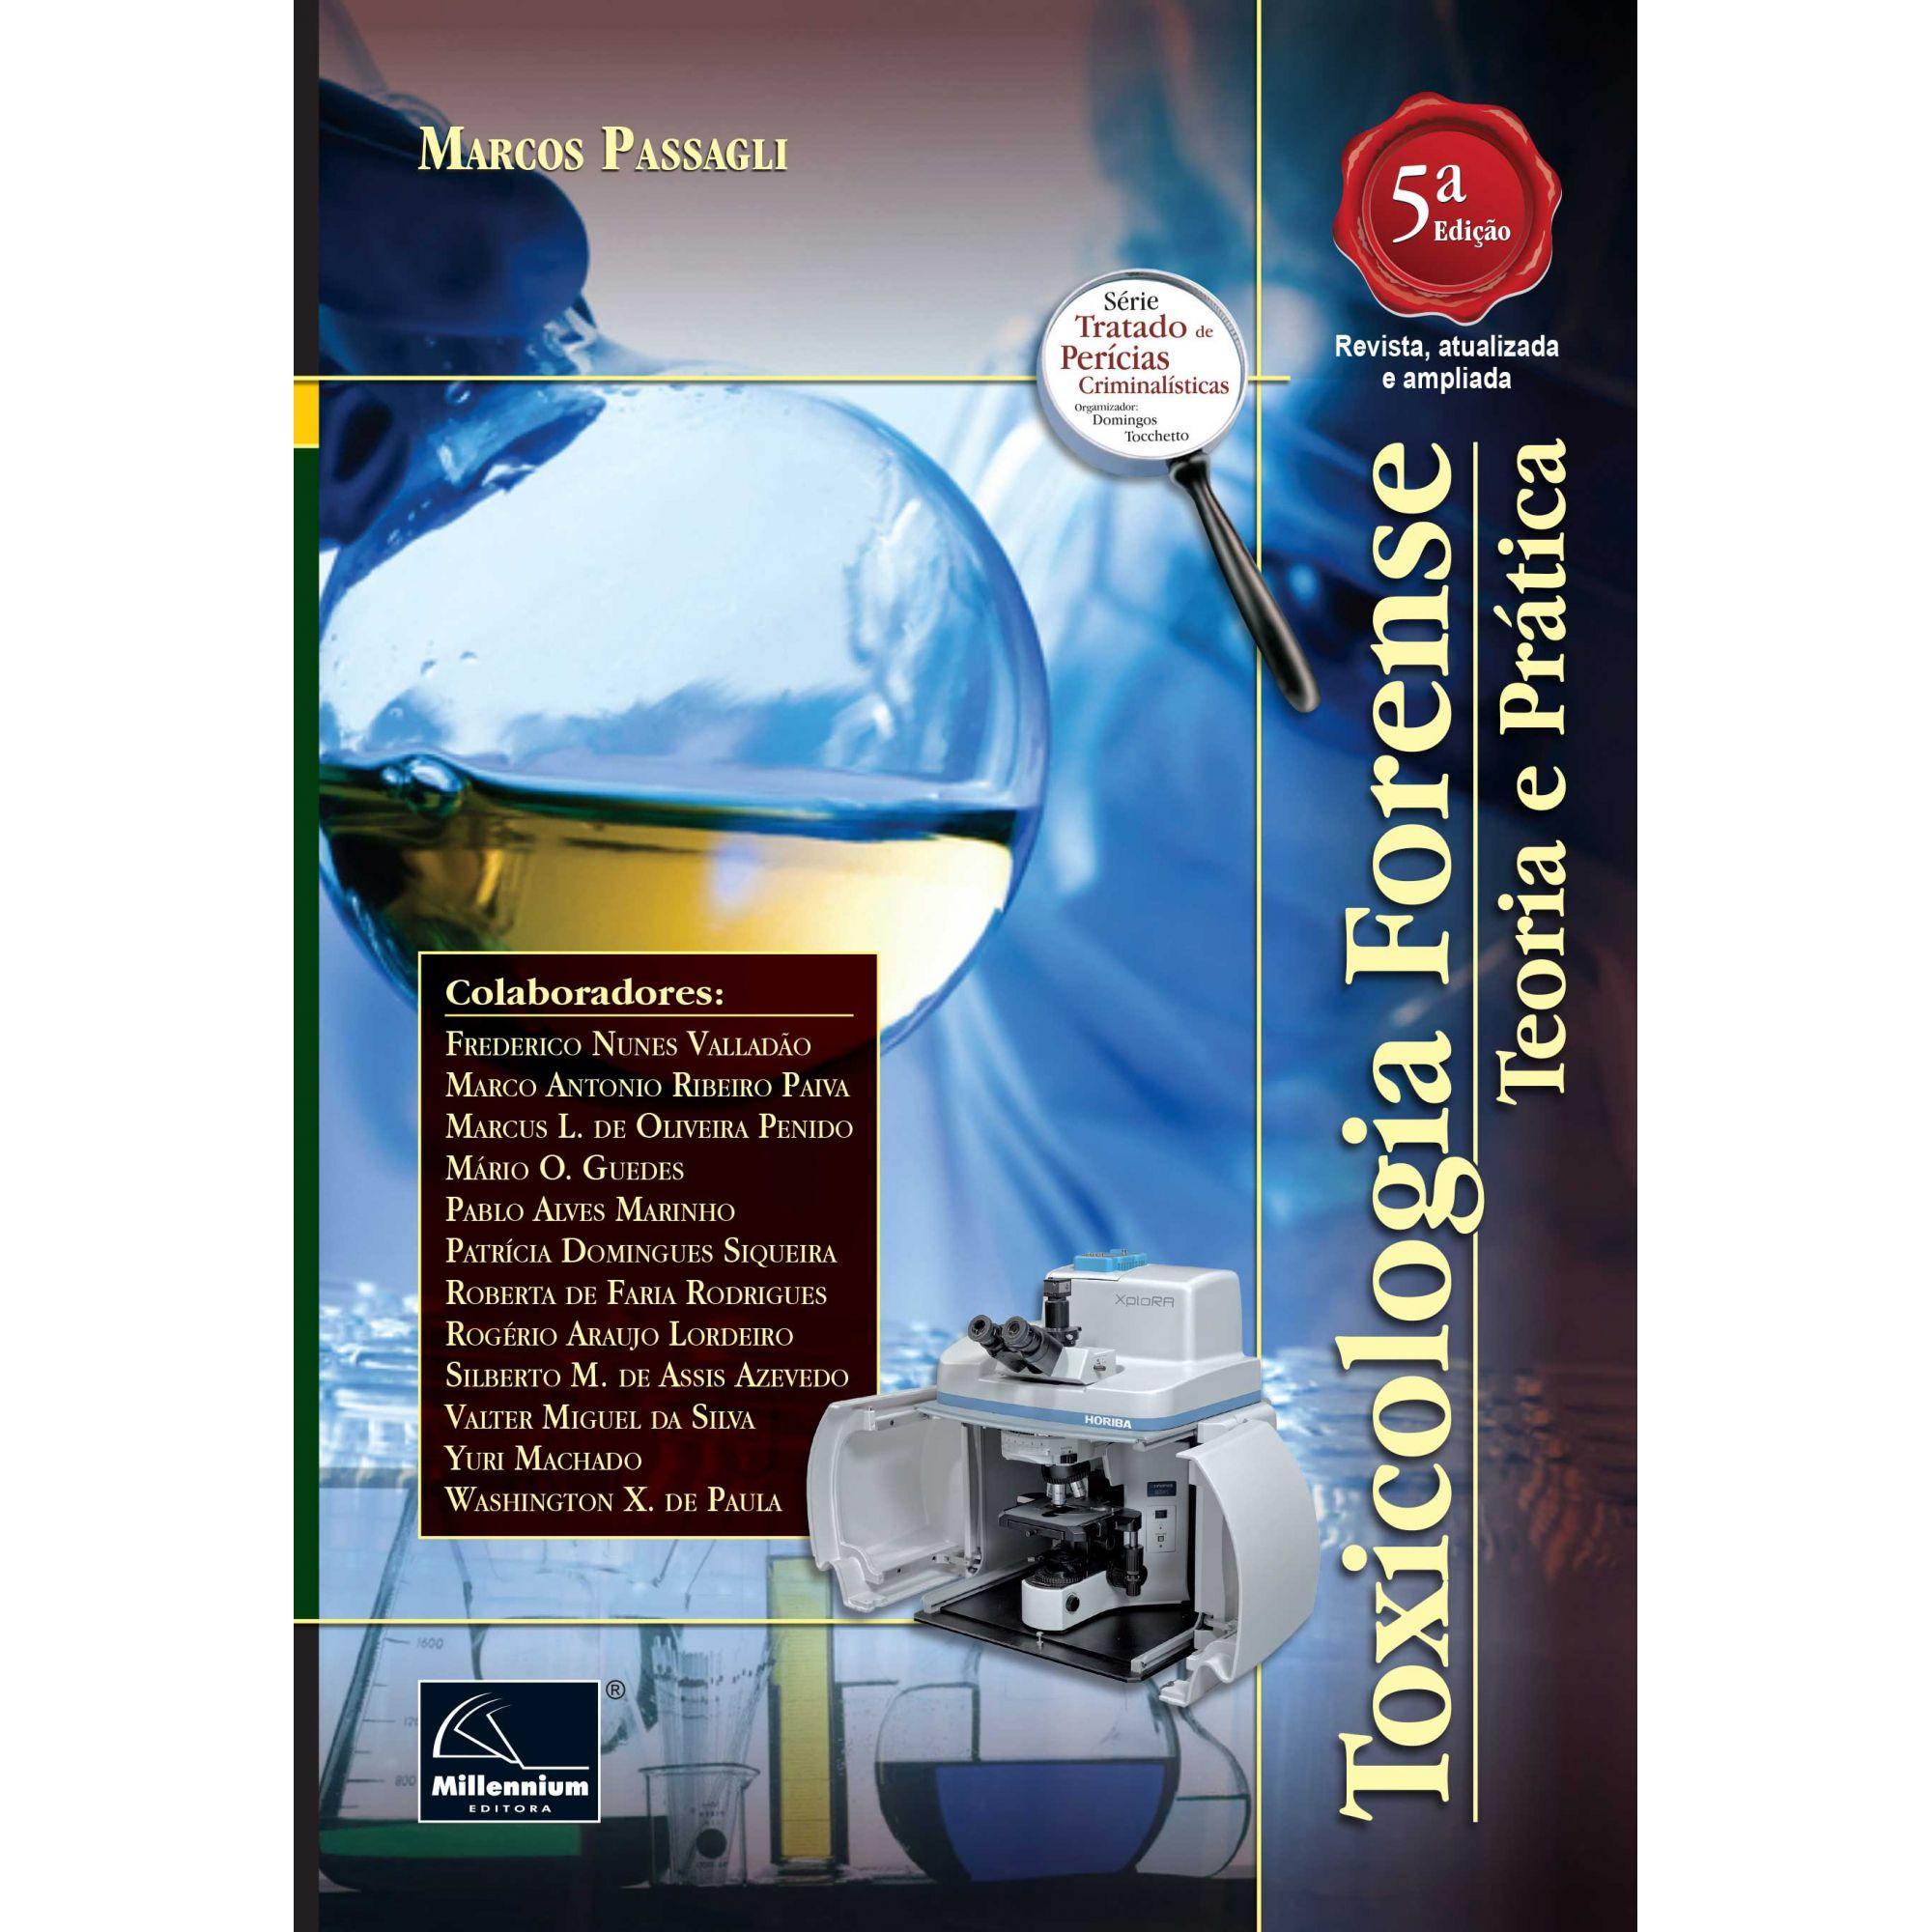 Toxicologia Forense – Teoria e Prática 5ª Edição <b>Autor: Marcos Passagli</b>  - Millennium Editora - Livros de Perícia